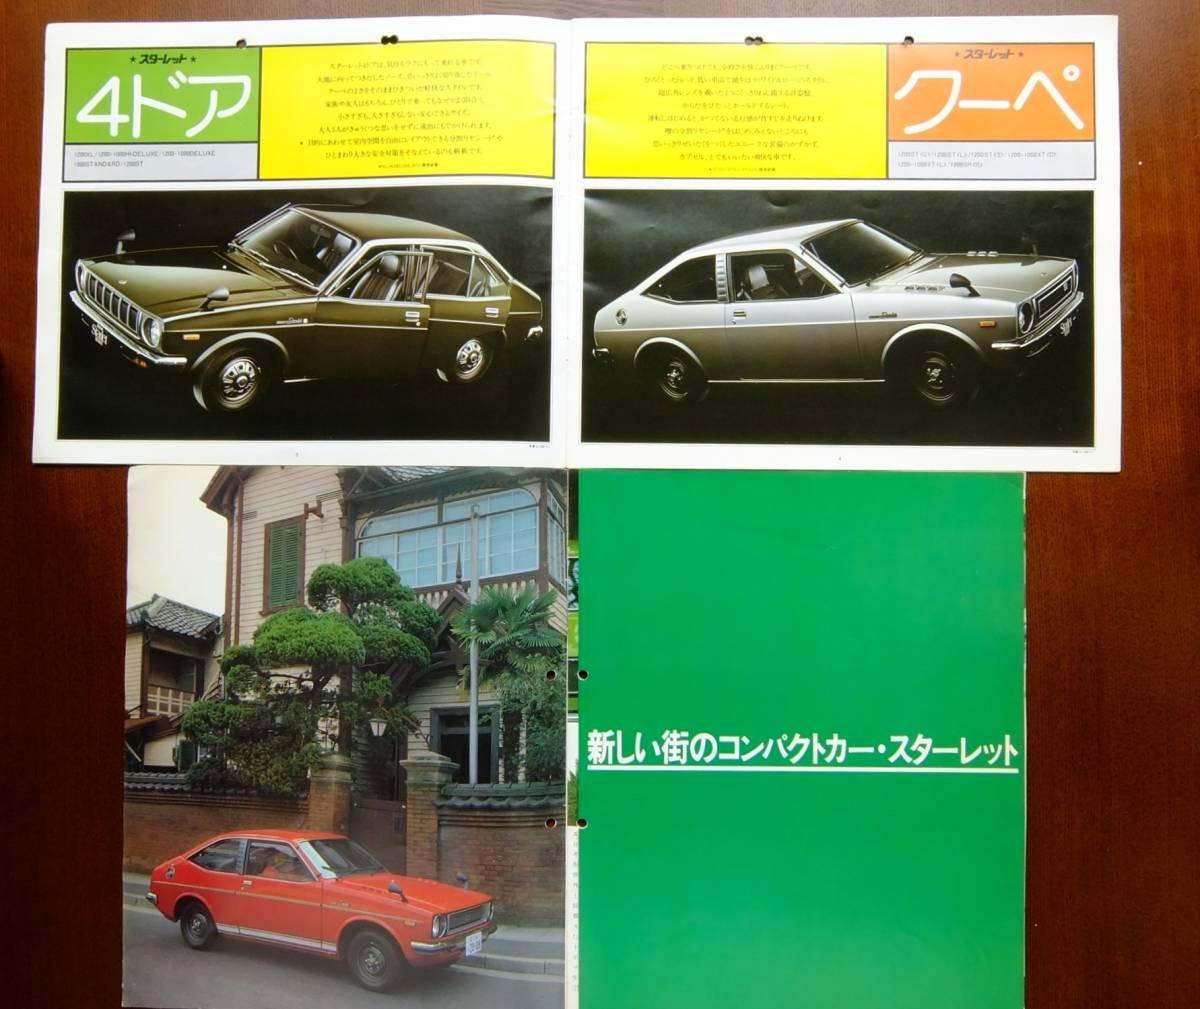 トヨタ旧車カタログ4冊。スタ-レット、2冊1975、1977年。カロ-ラ1冊、1980年。スプリンター、パブリカ、カロ-ラ1冊、1977年。_画像2